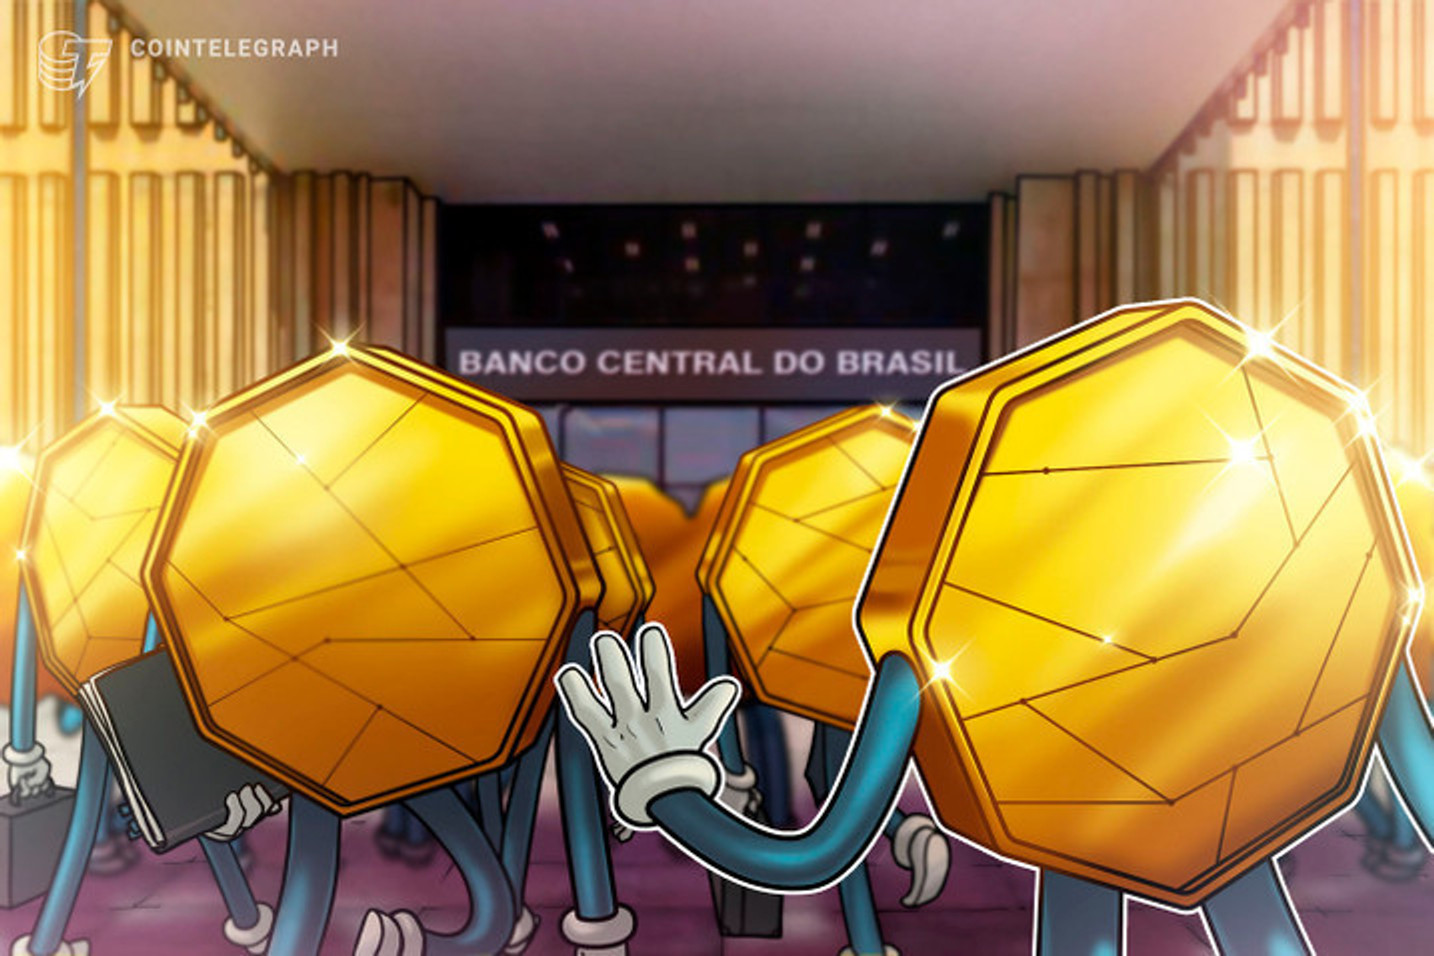 Banco Central aprova as regras para o Ciclo 1 do seu Sandbox Regulatório que pode permitir soluções com blockchain e criptoativos